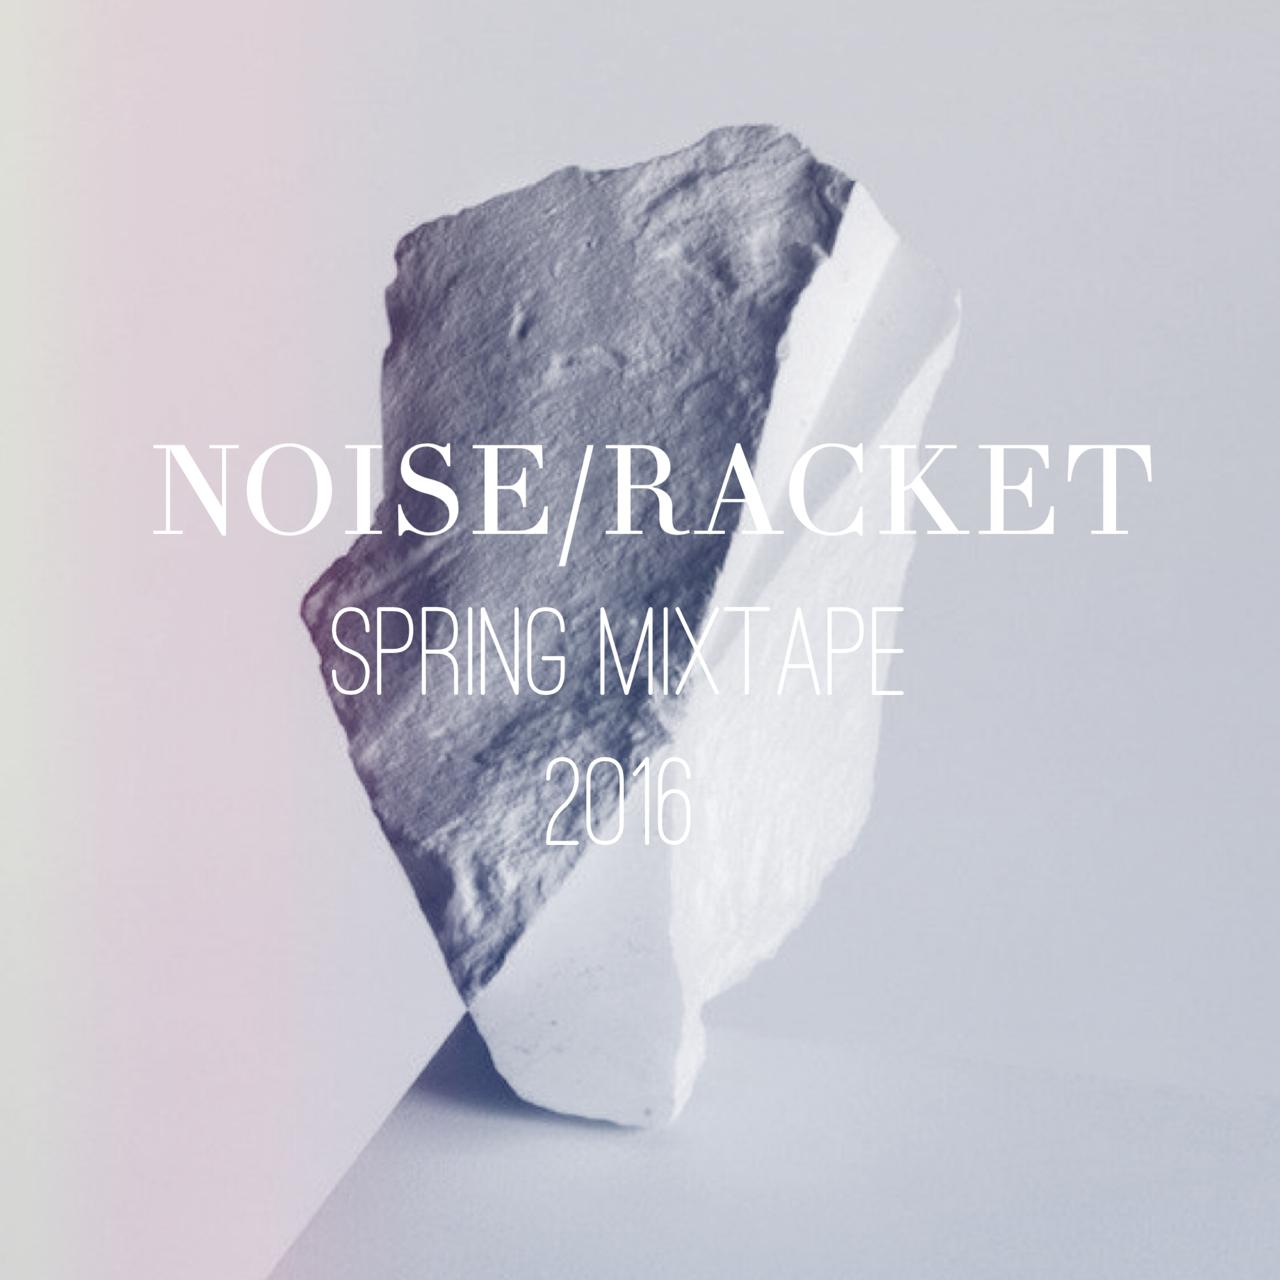 Spring Mixtape 2016